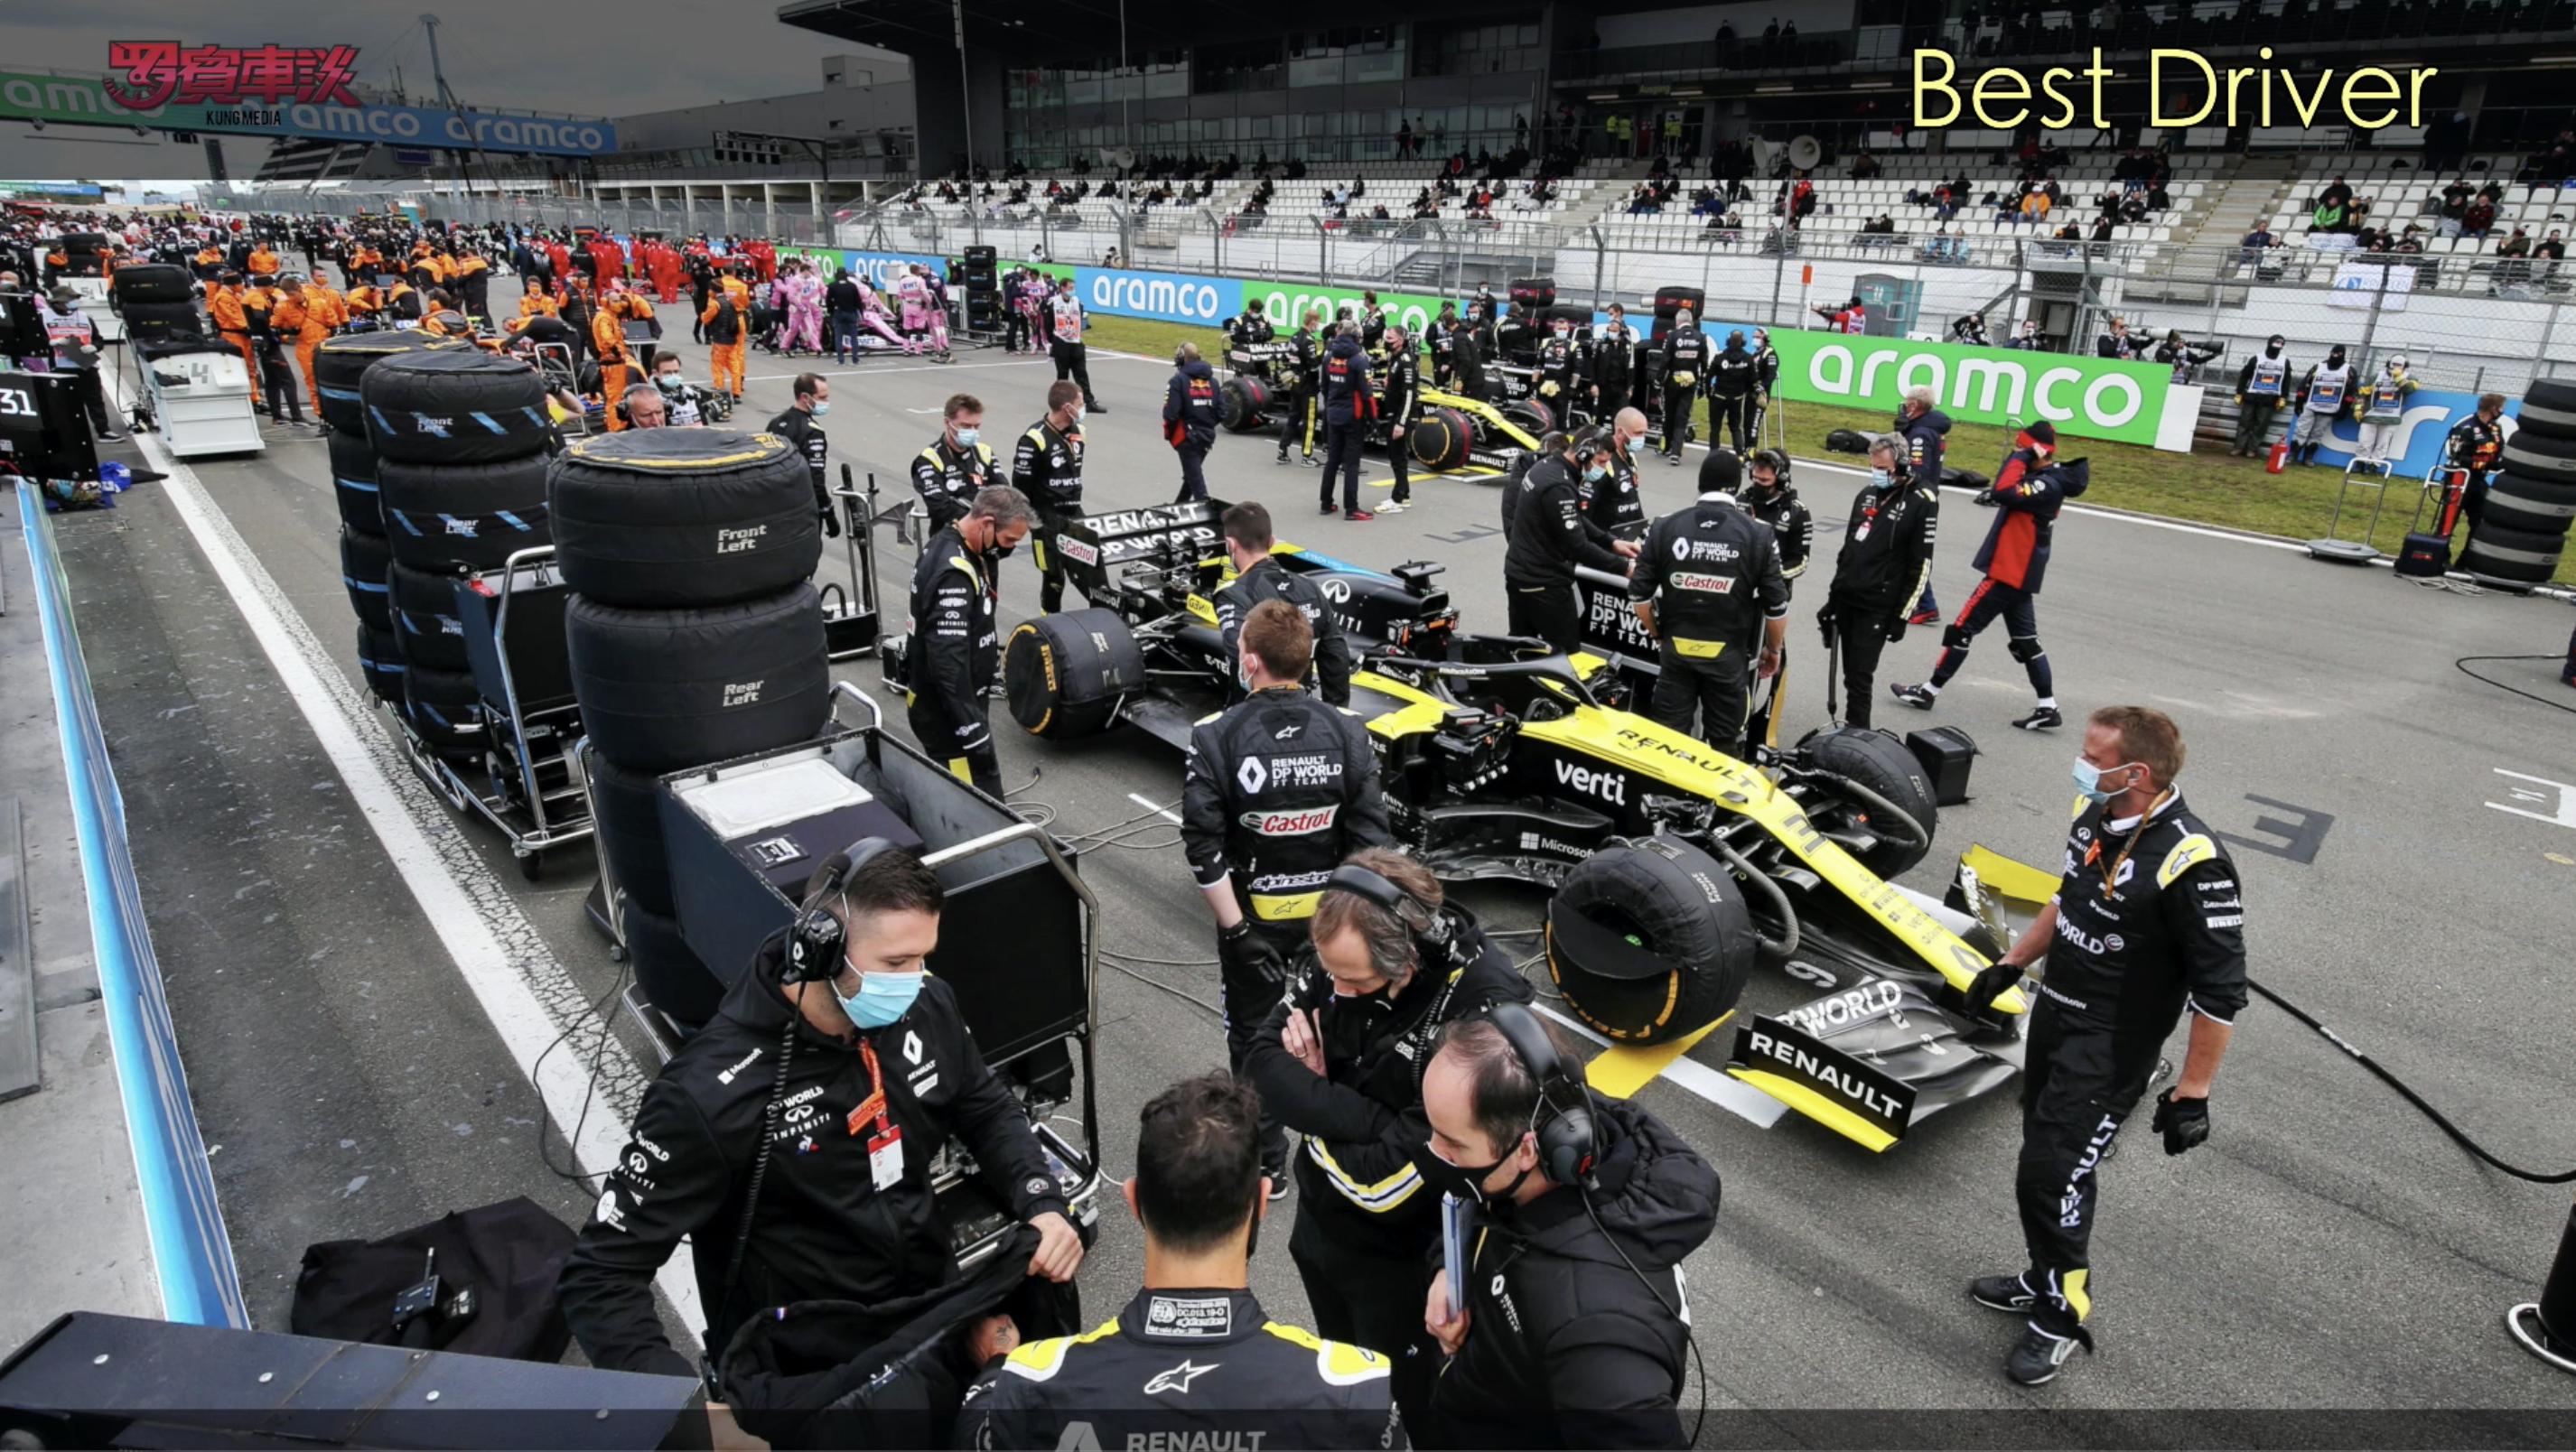 【羅賓車談】F1葡萄牙大賽賽前報導